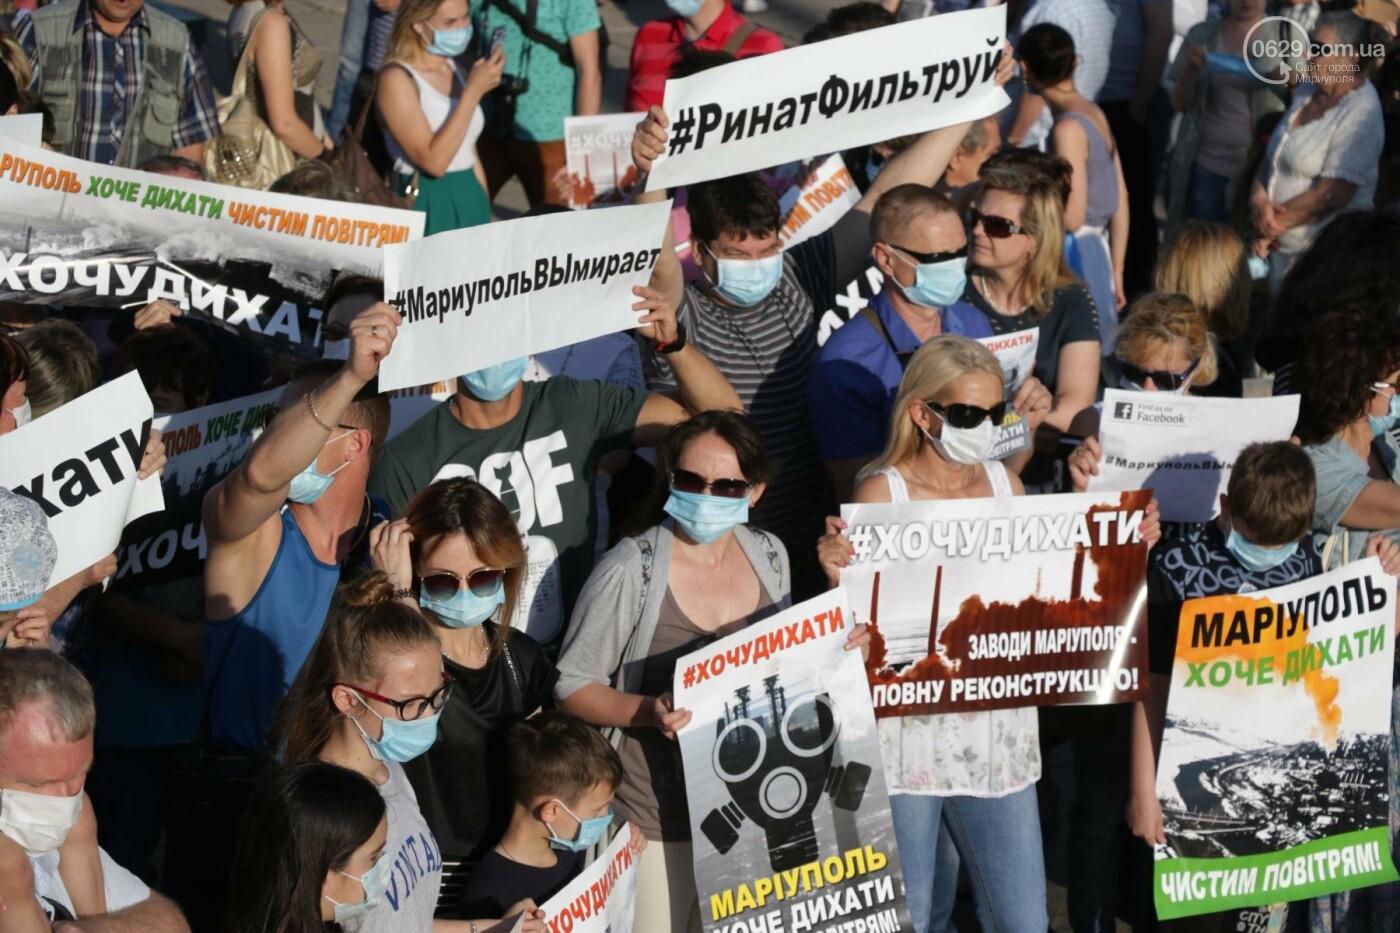 Экологический флешмоб: мариупольцы заявили, что хотят дышать,- ФОТО, ВИДЕО, фото-16